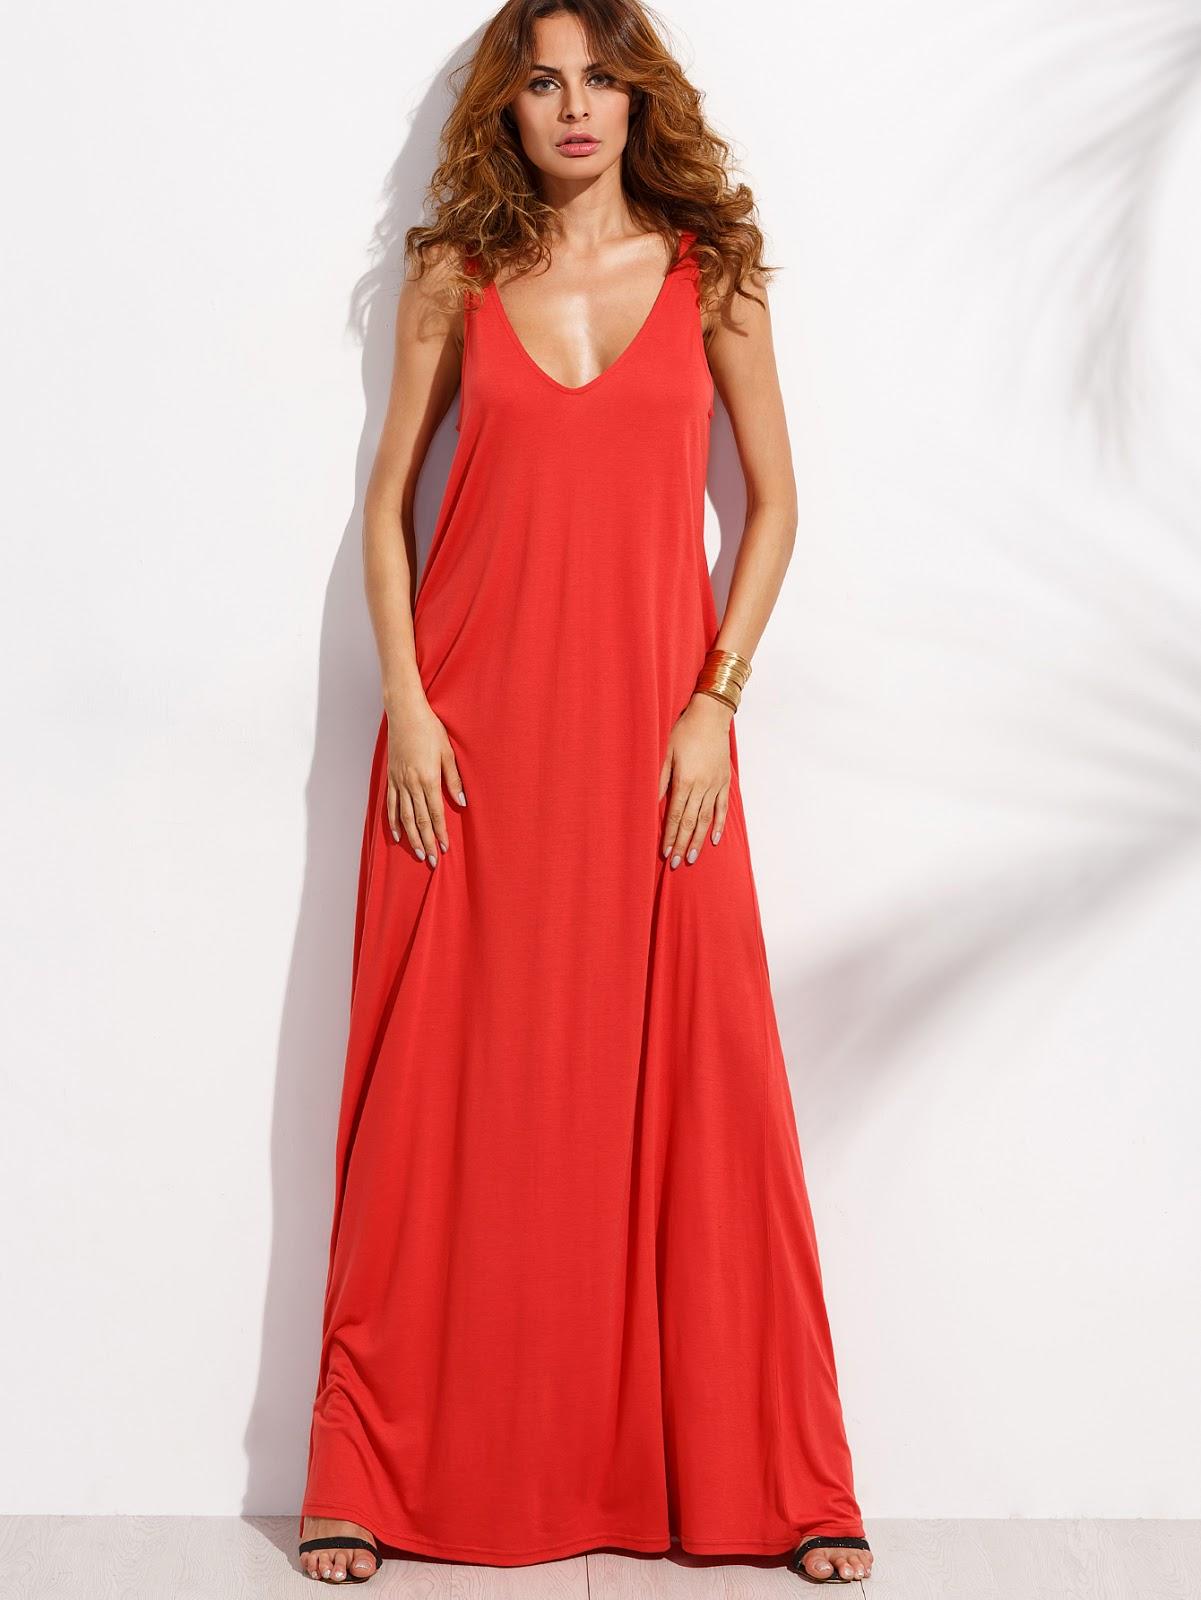 Vestidos cortos de fiesta pegados al cuerpo rojos